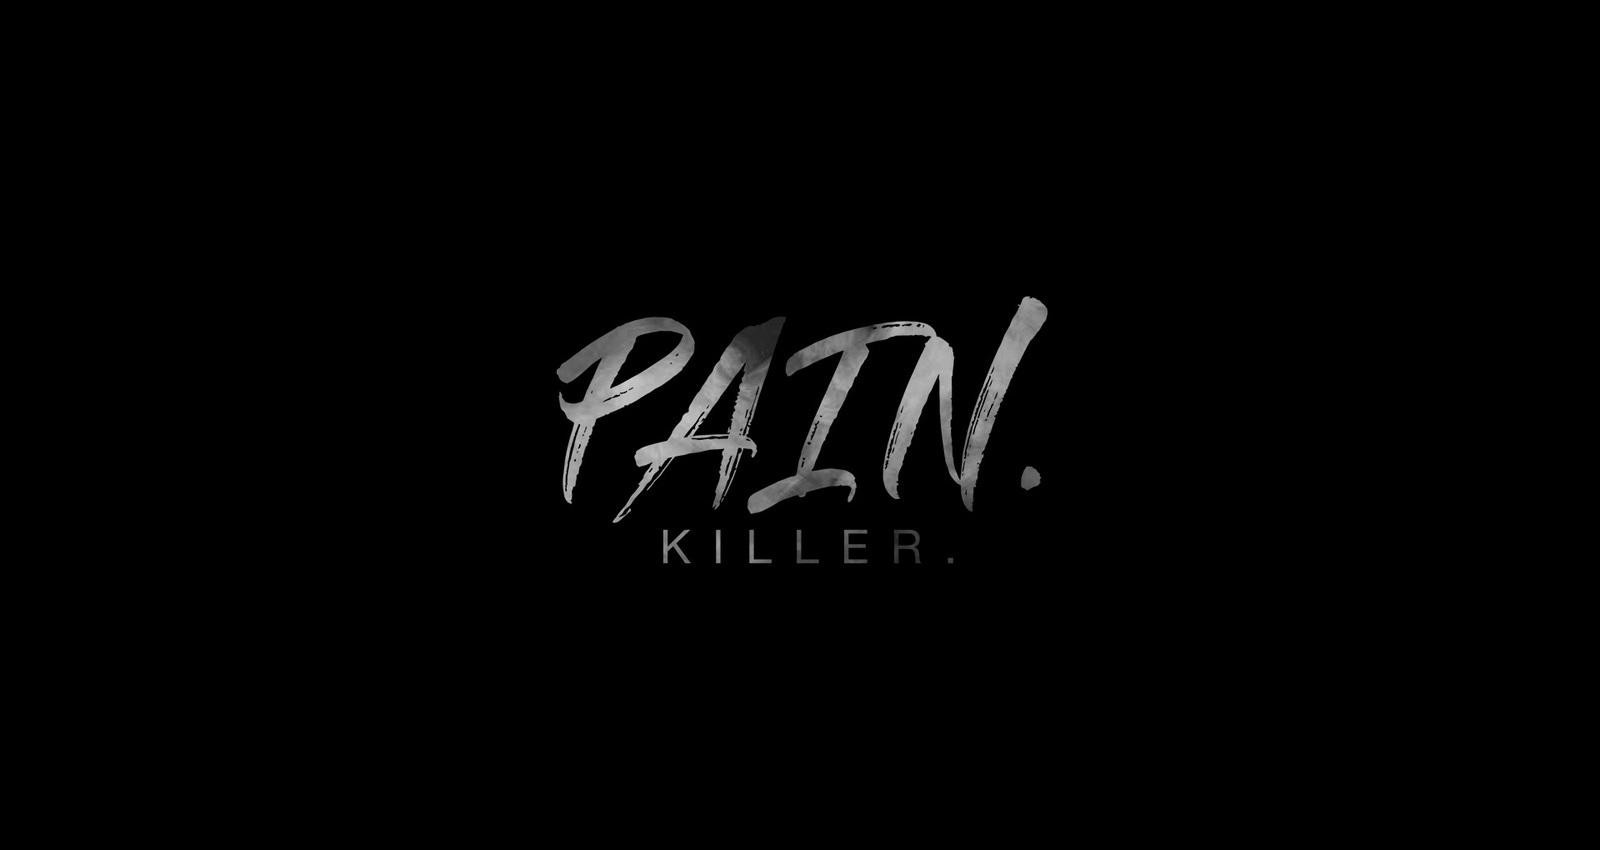 Pain. Killer.